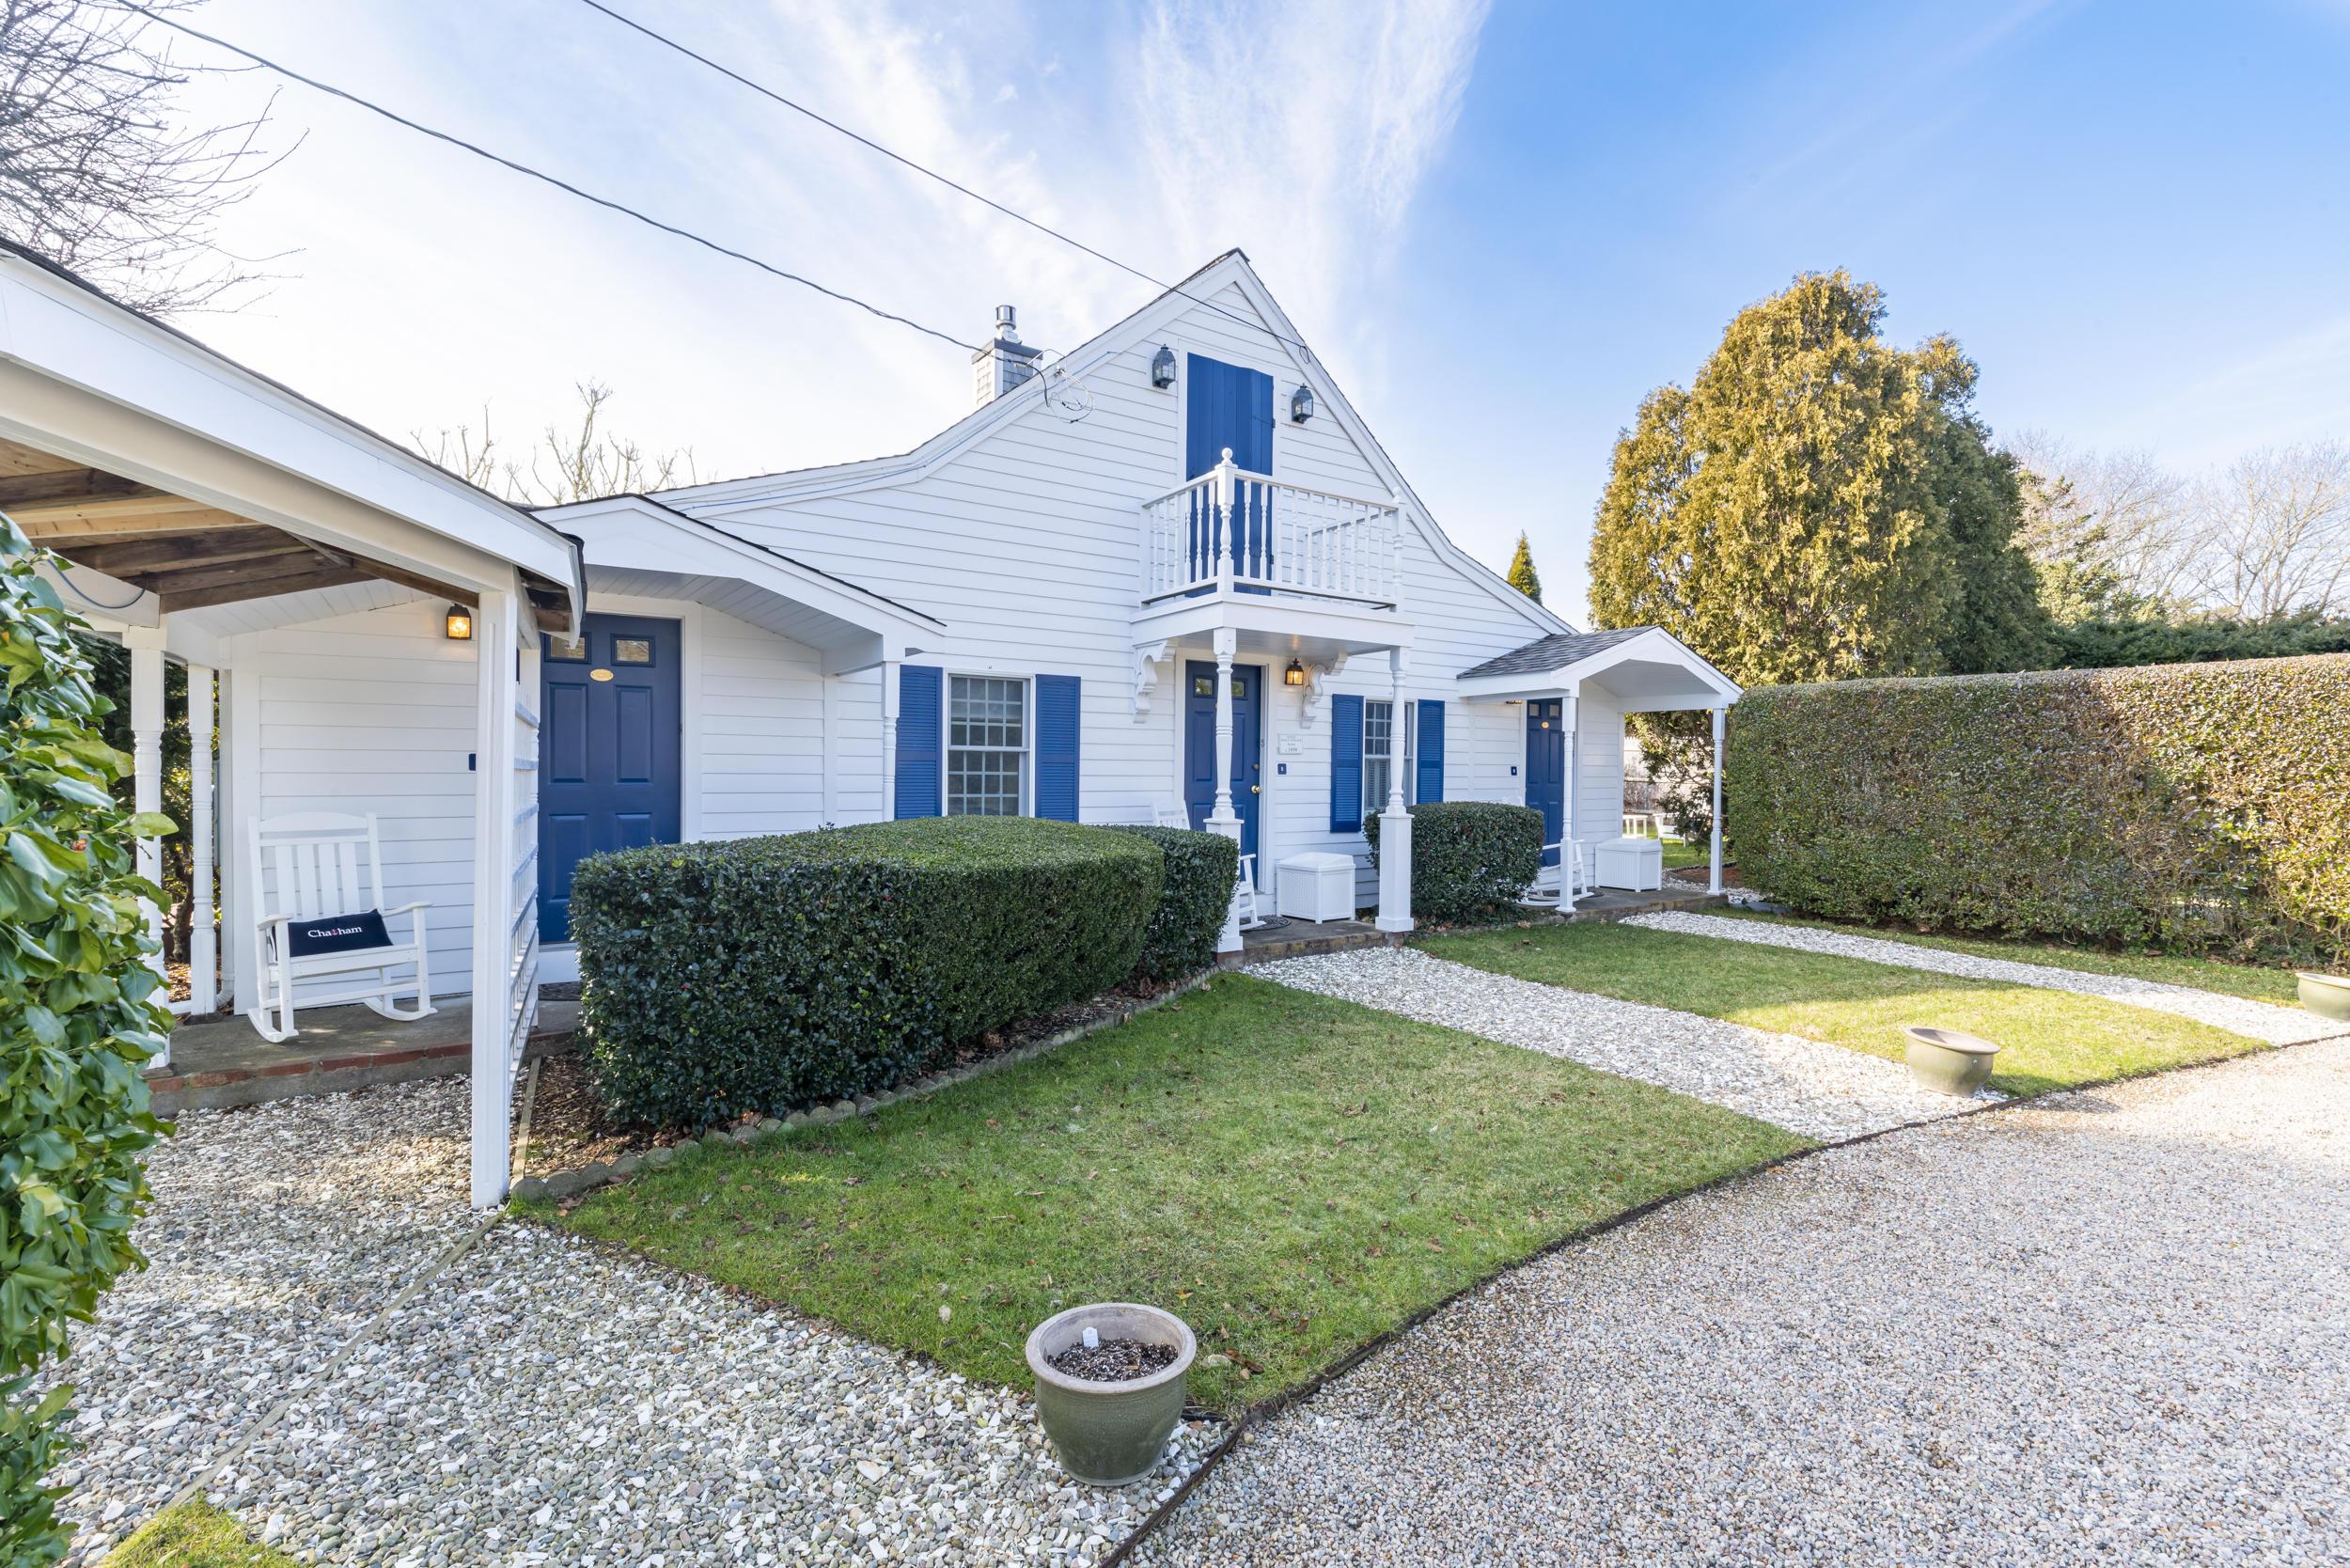 407 Old Harbor Road, Chatham, MA  02633 - slide 54